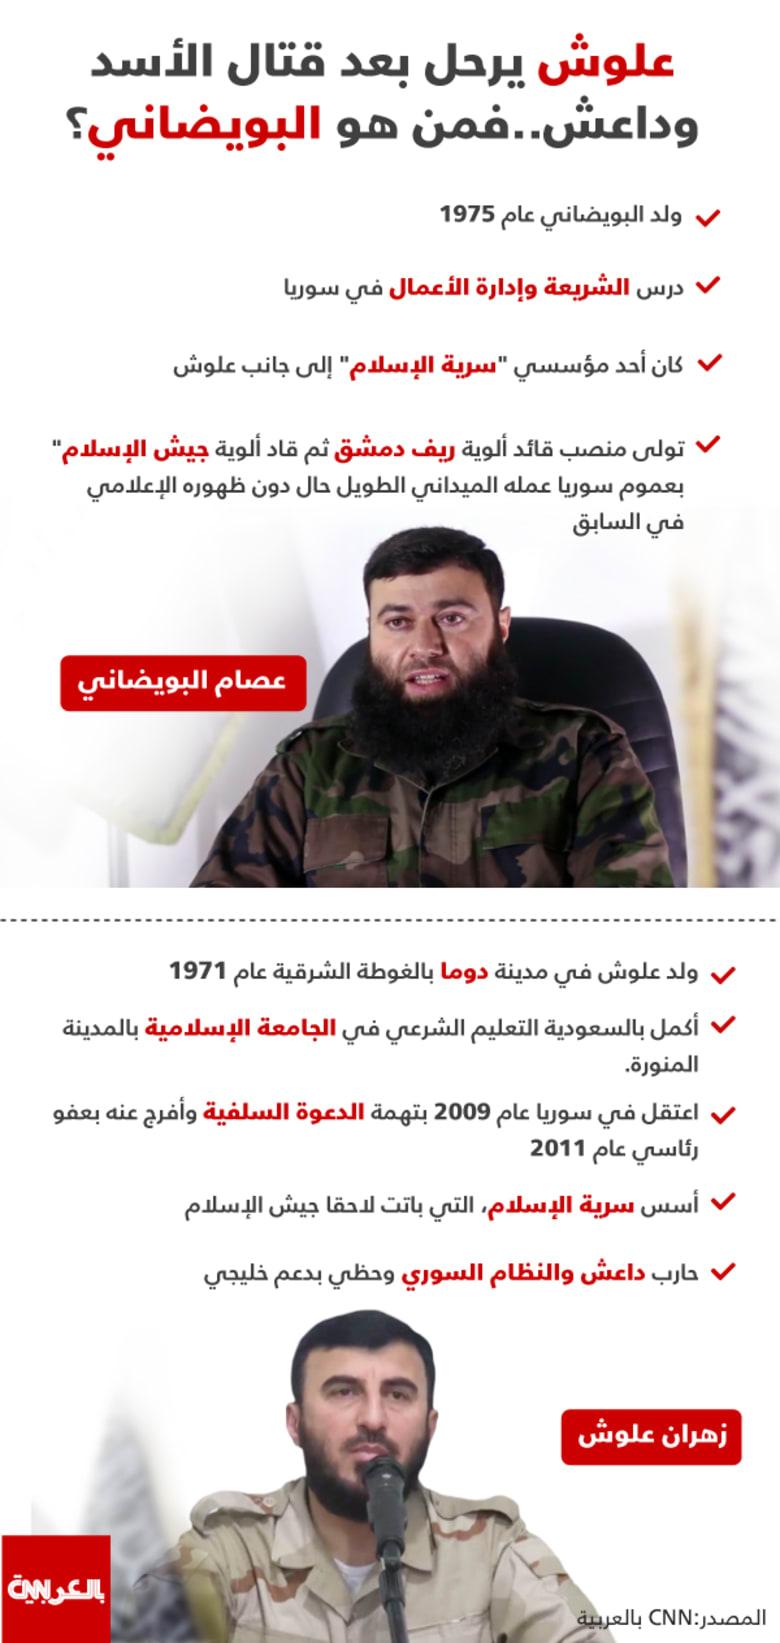 """بويضاني القائد الجديد لـ""""جيش الإسلام"""" بسوريا بعد مقتل علوش: سنبقى أسودا في النزال"""